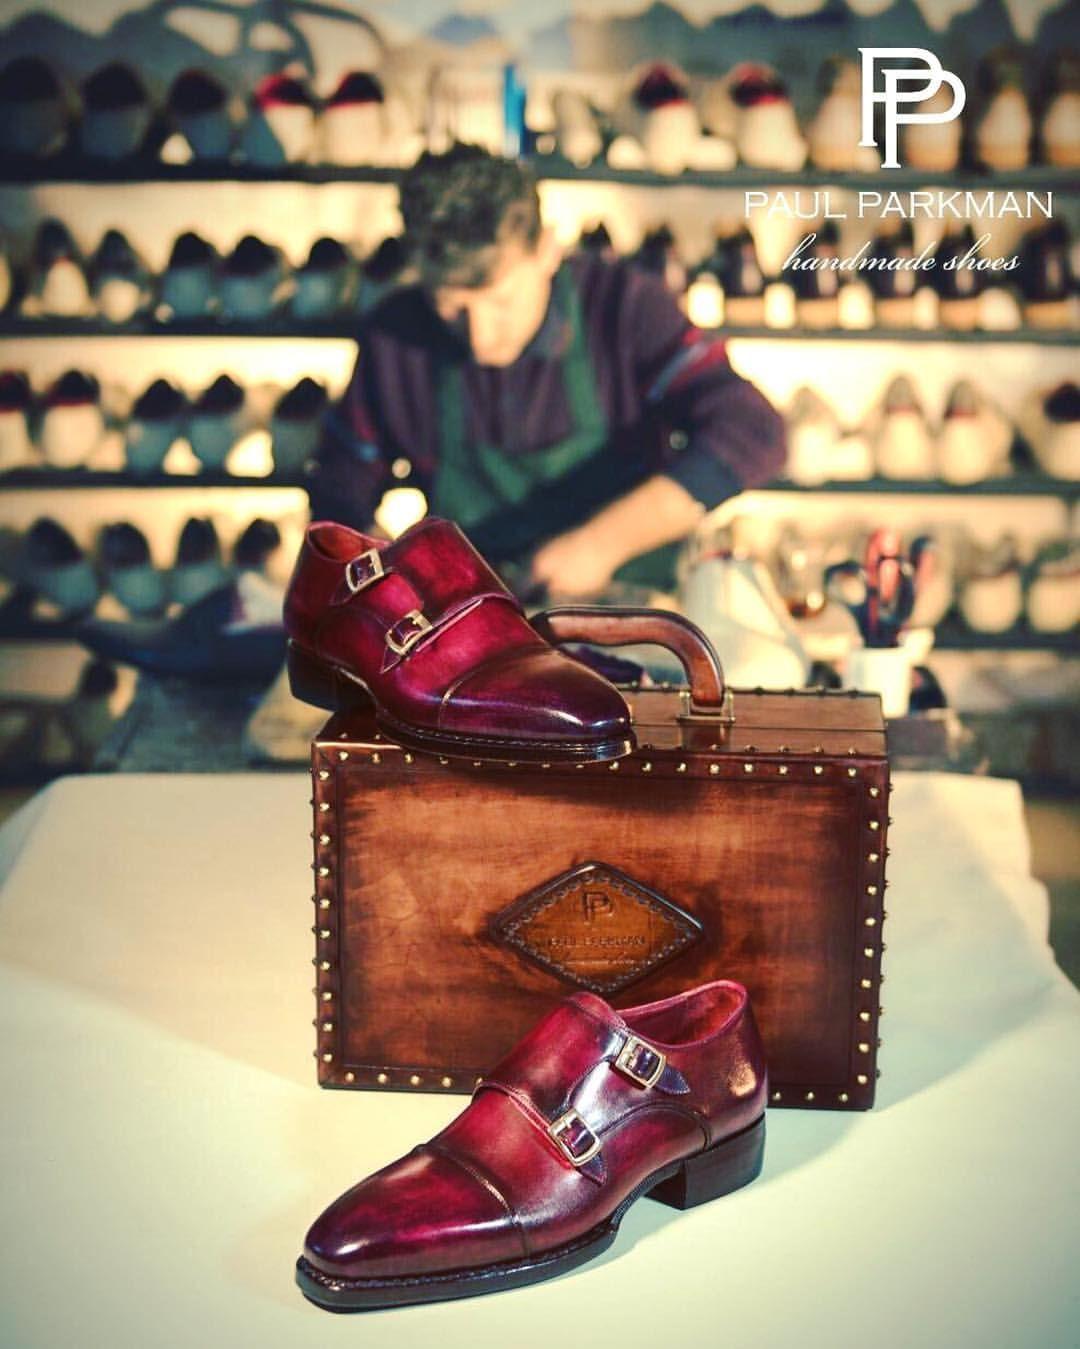 Paul Parkman Triple Leather Sole Hand-Welted Cap Toe Monkstraps Website : www.paulparkman.com #paulparkman #paulparkmanshoes #handmade #bespoke #luxury #shoemaker #handcrafted #shoesformen #mensshoes #handmadeshoes #handcraftedshoes #patinashoes...